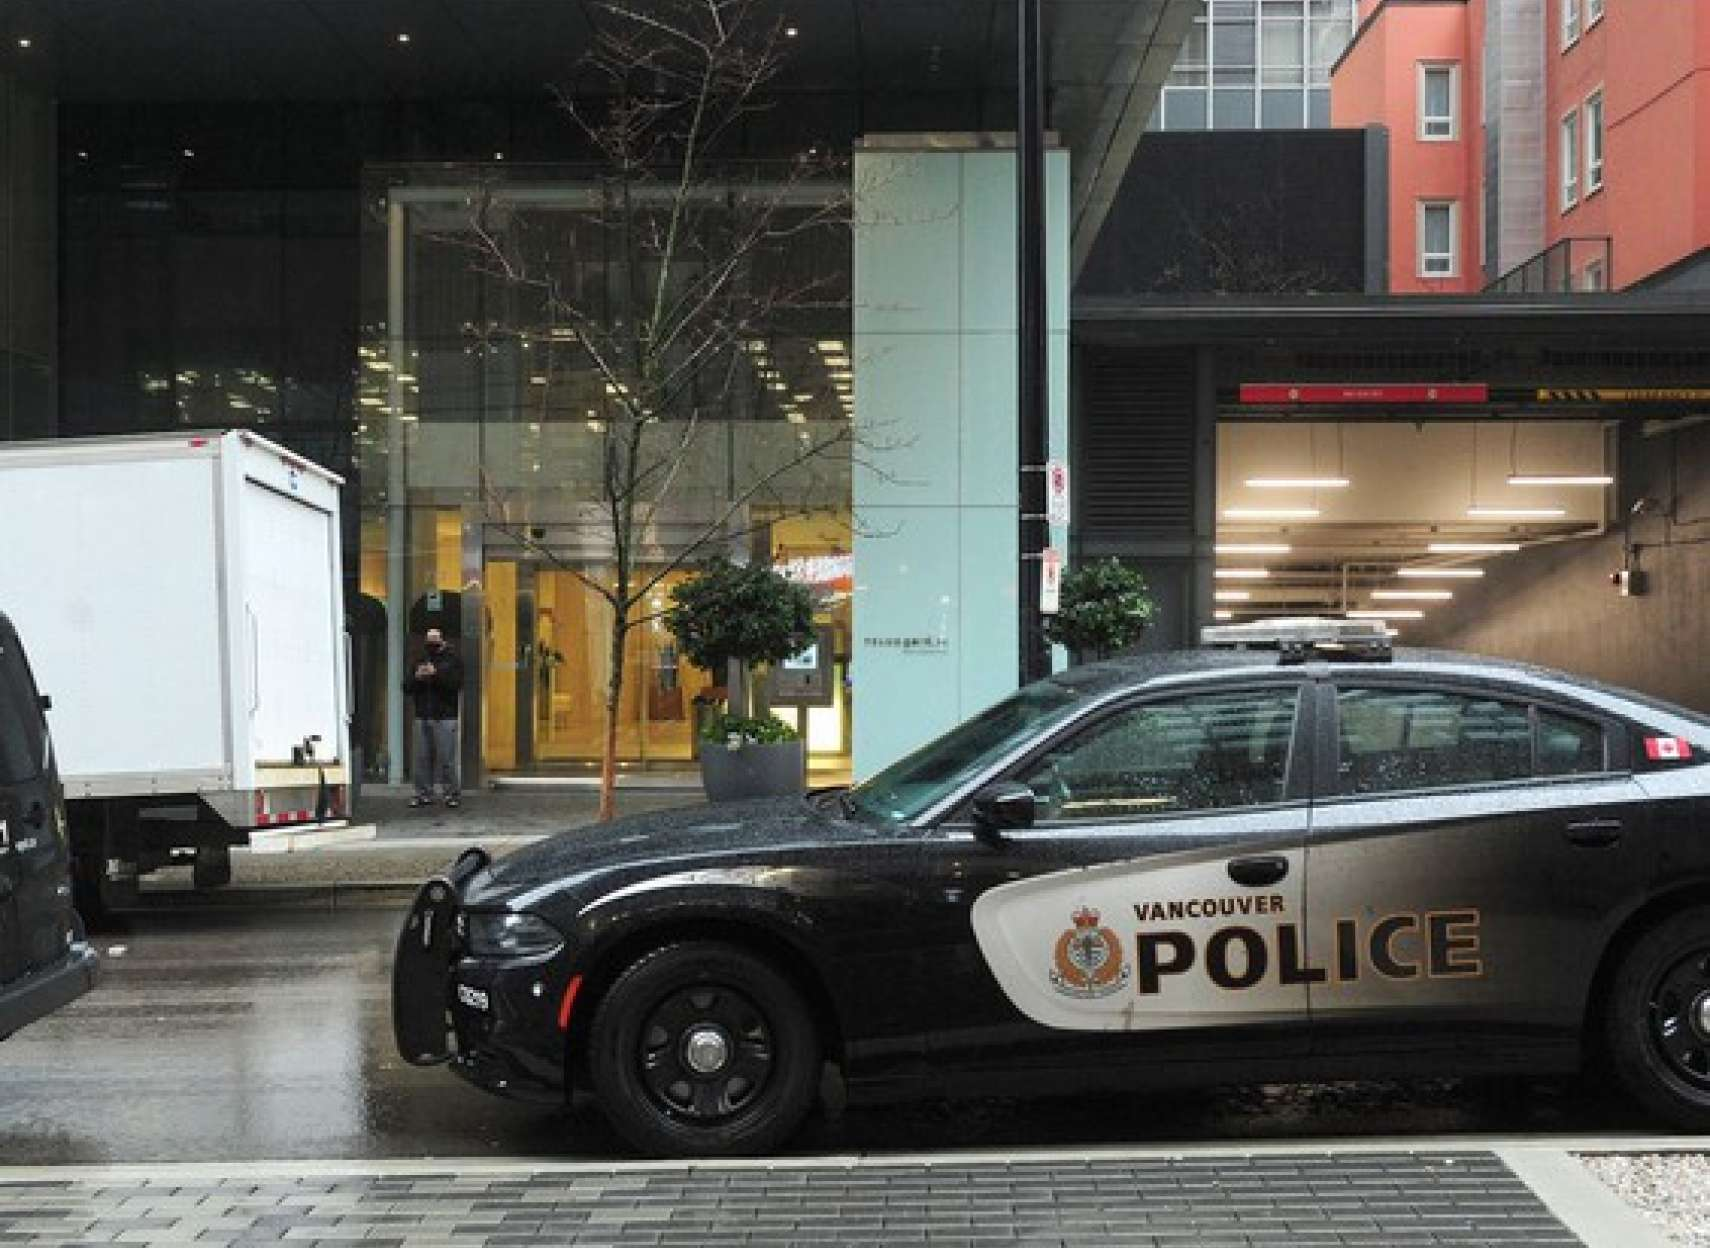 دستگیری-فردی-به-نام-محمد-موثقی-در-ونکوور-به-اتهام-راه-اندازی-کلوپ-شبانه- جریمه- 17 -هزار- دلاری- برای-77 -نفر- به- دلیل- دور- زدن- قوانین- علیه- کرونا-